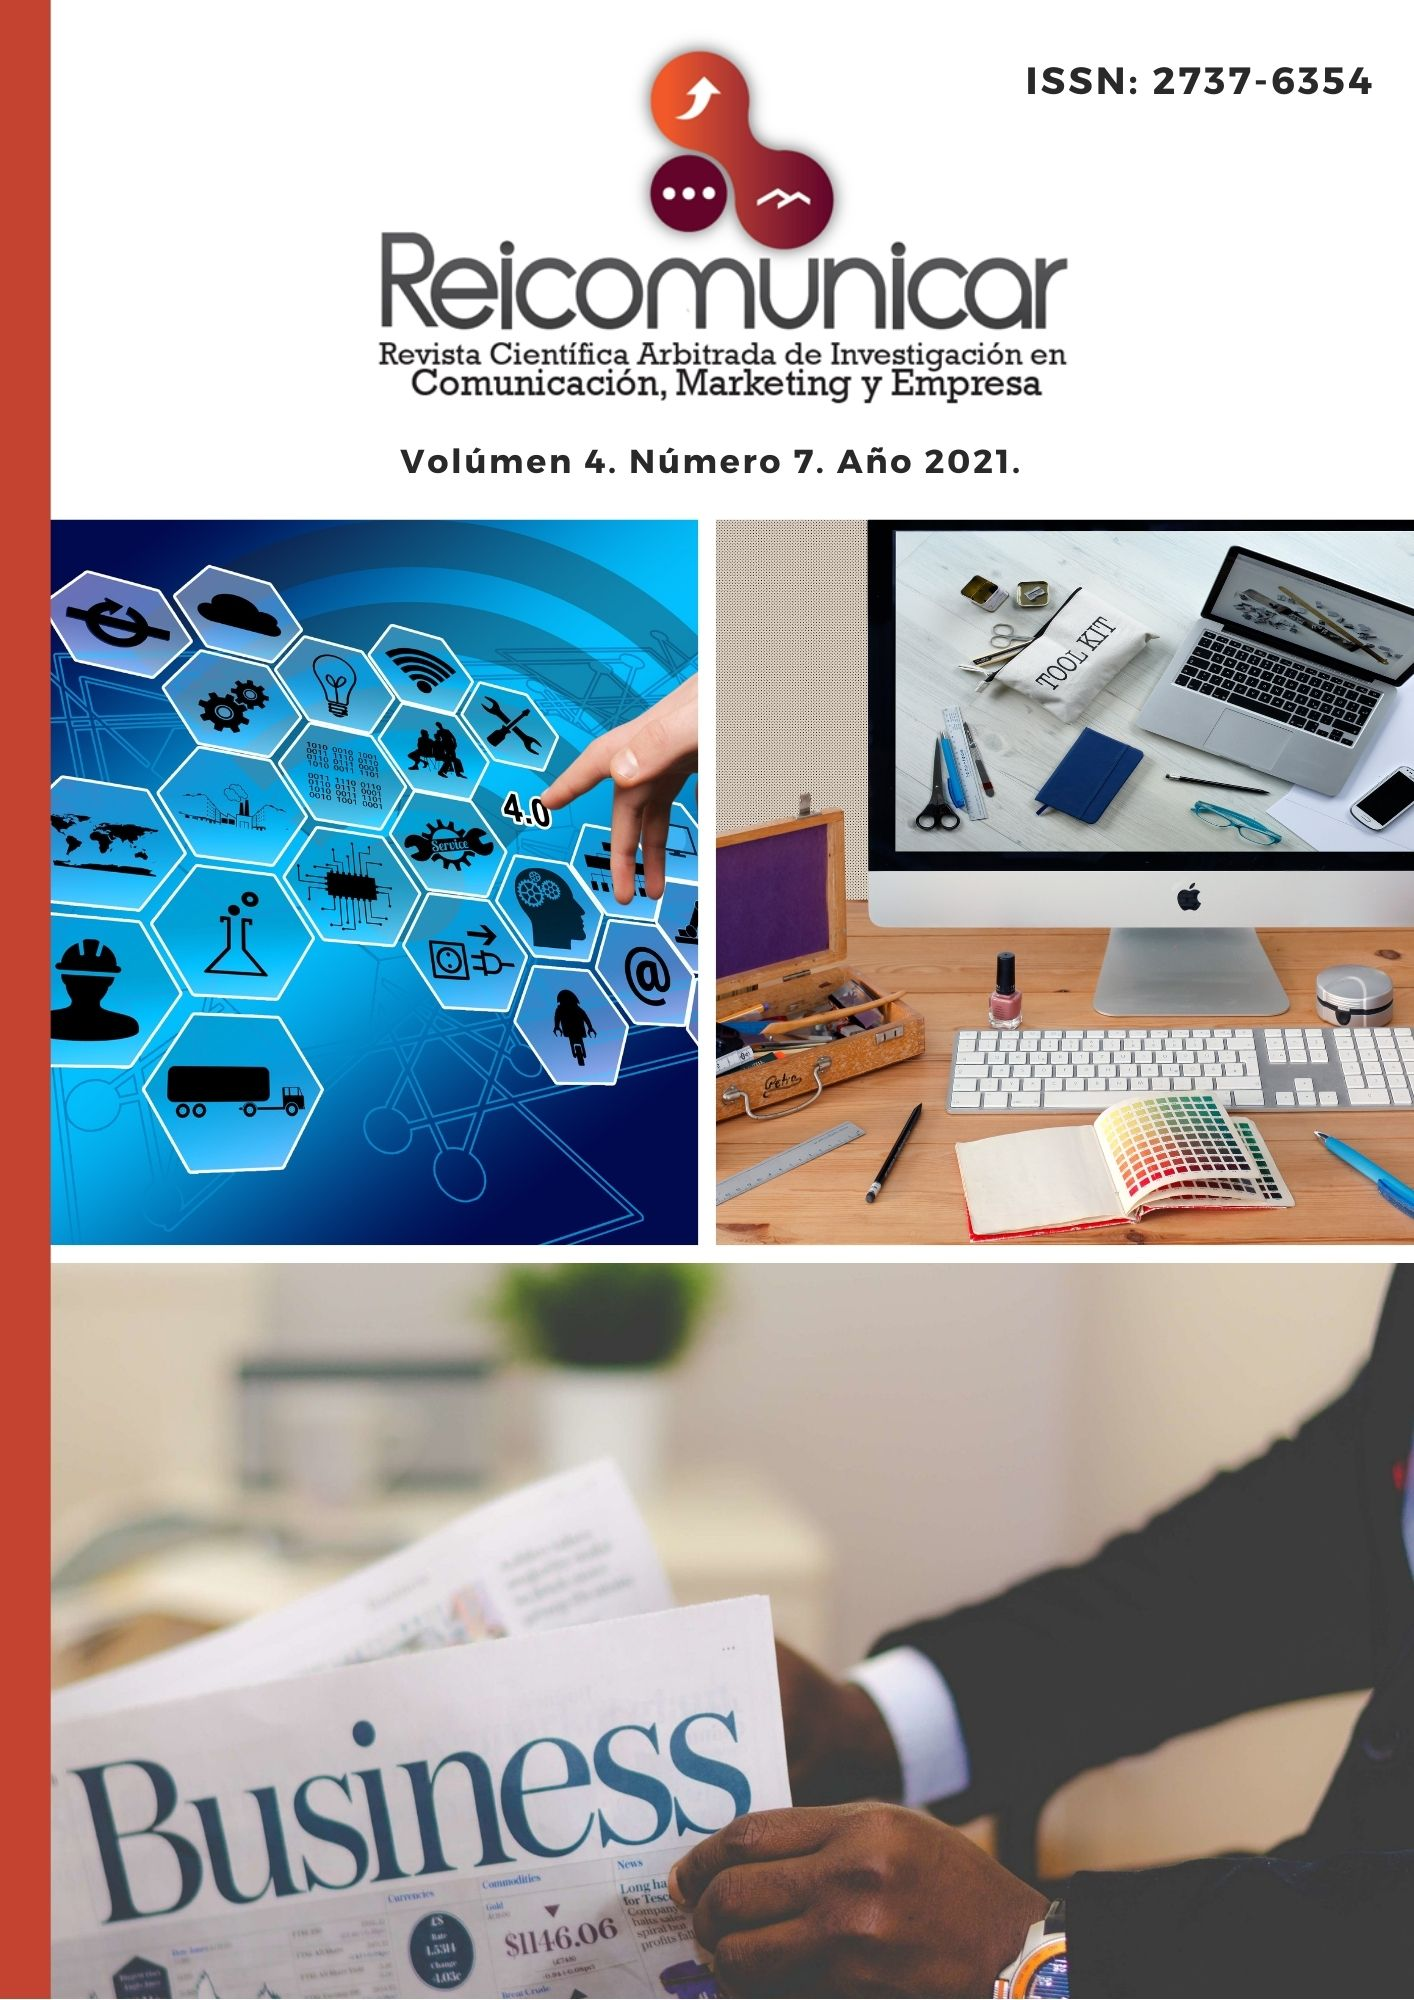 Ver Vol. 4 Núm. 7 (2021): Revista Científica Arbitrada de Investigación en Comunicación, Marketing y Empresa REICOMUNICAR.